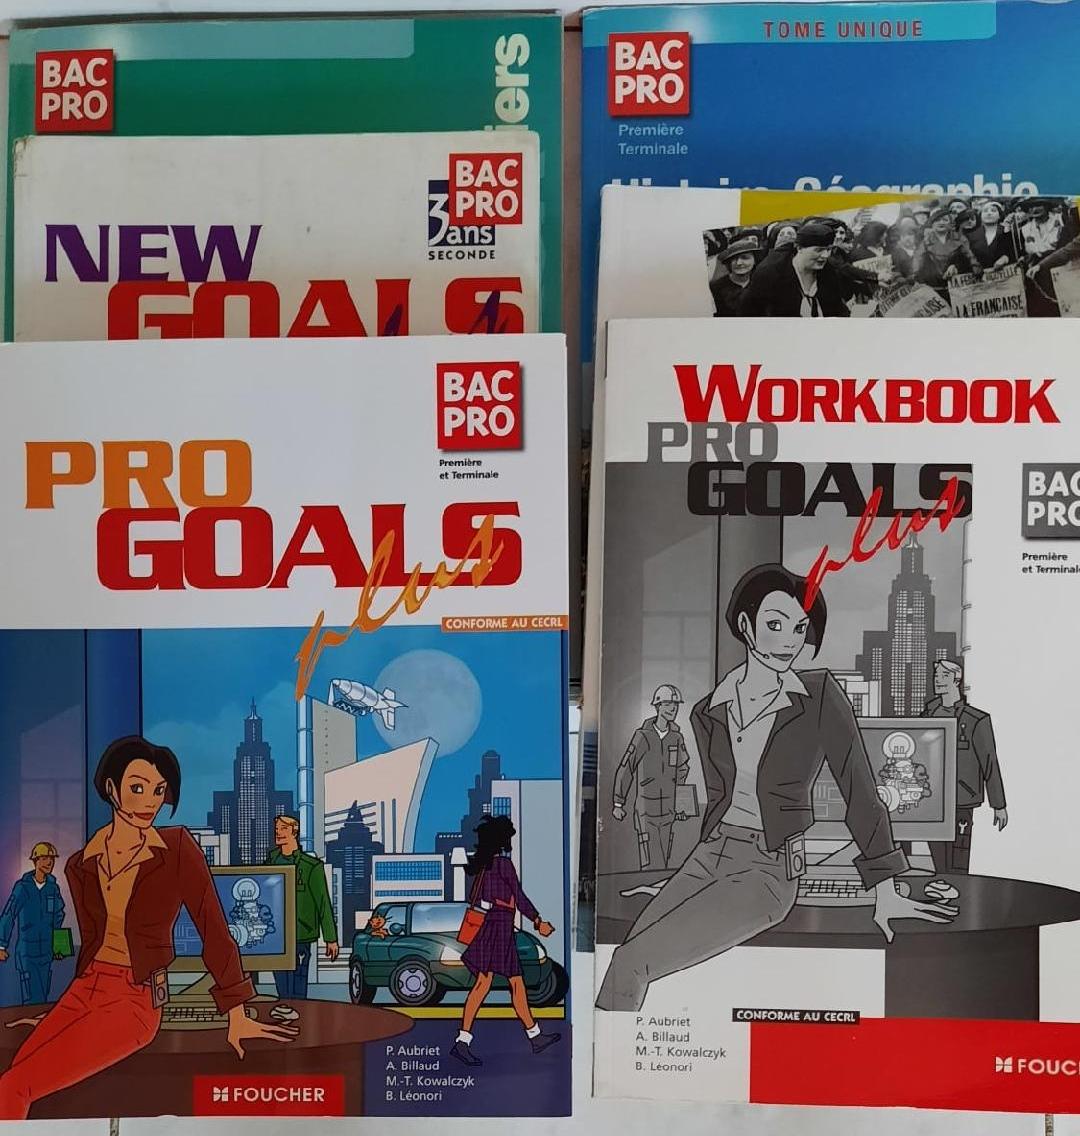 Livres «Bac Pro» retrouvés au Square Dupont